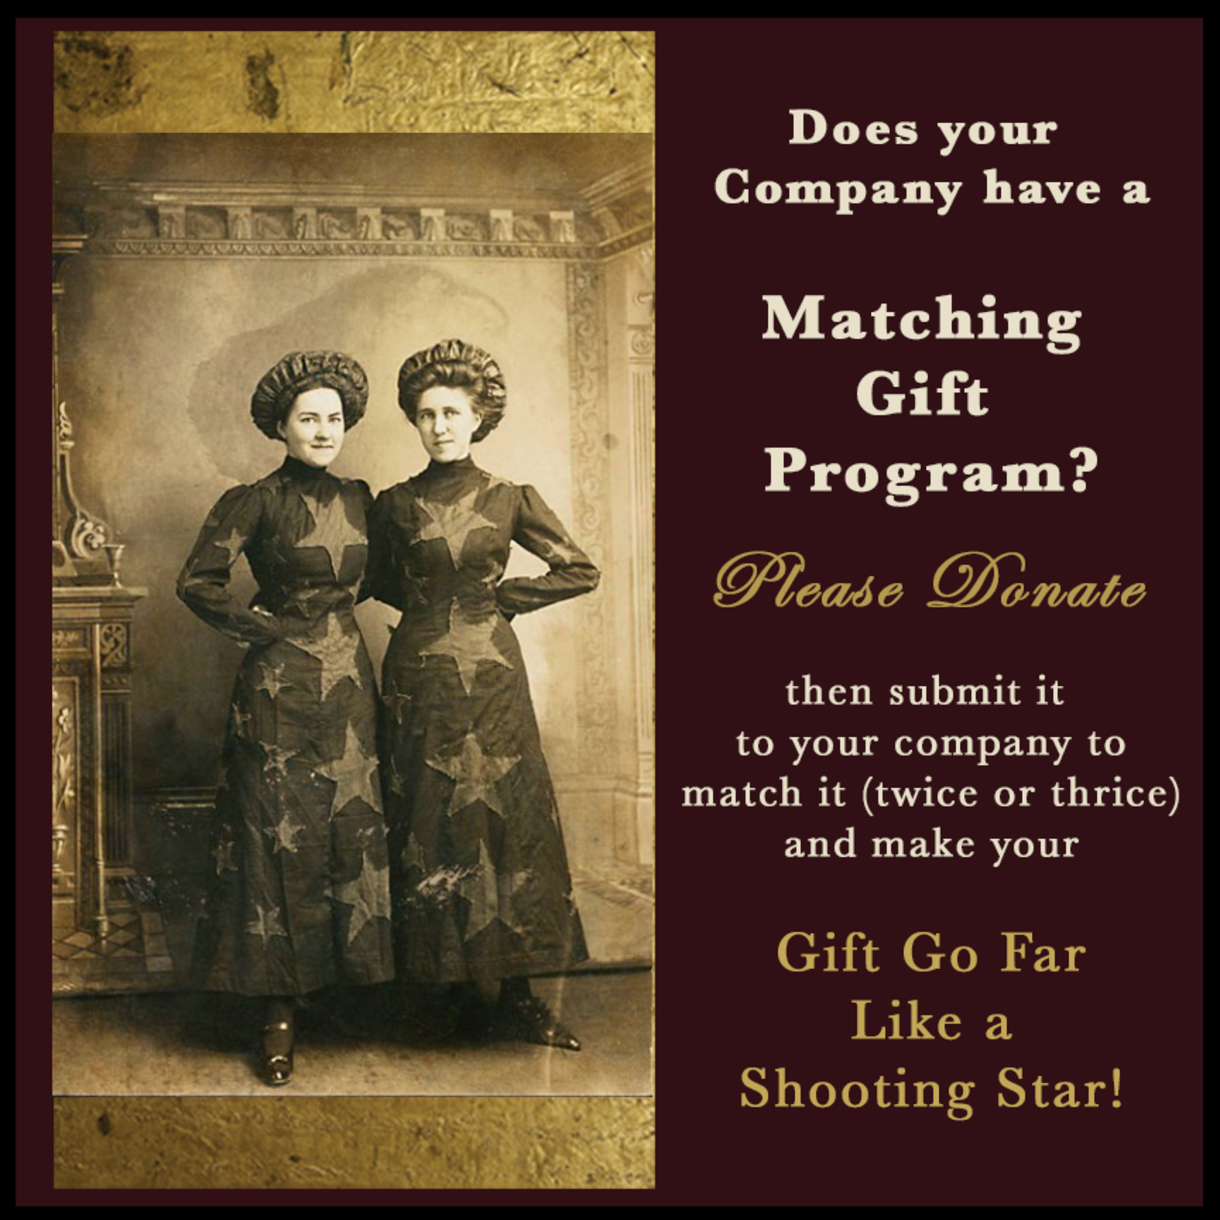 Company Matching Gift Program